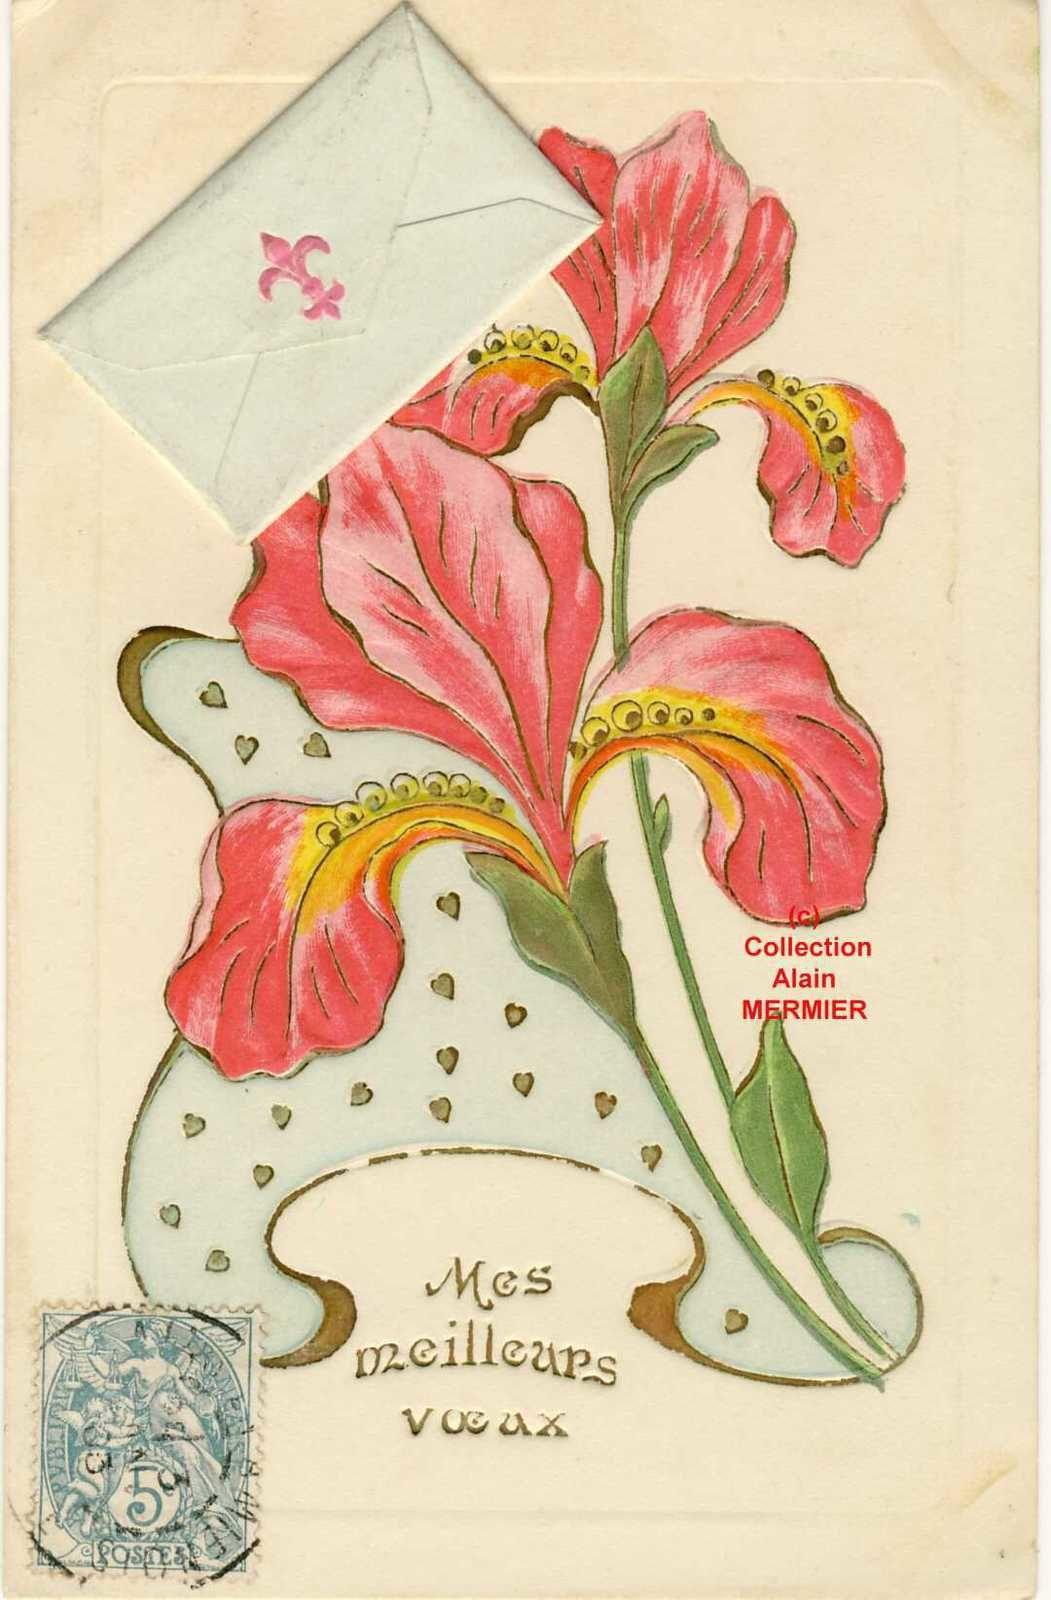 Iris -2170- Mes meilleurs voeux + ajout mini-lettre. France. 1903.